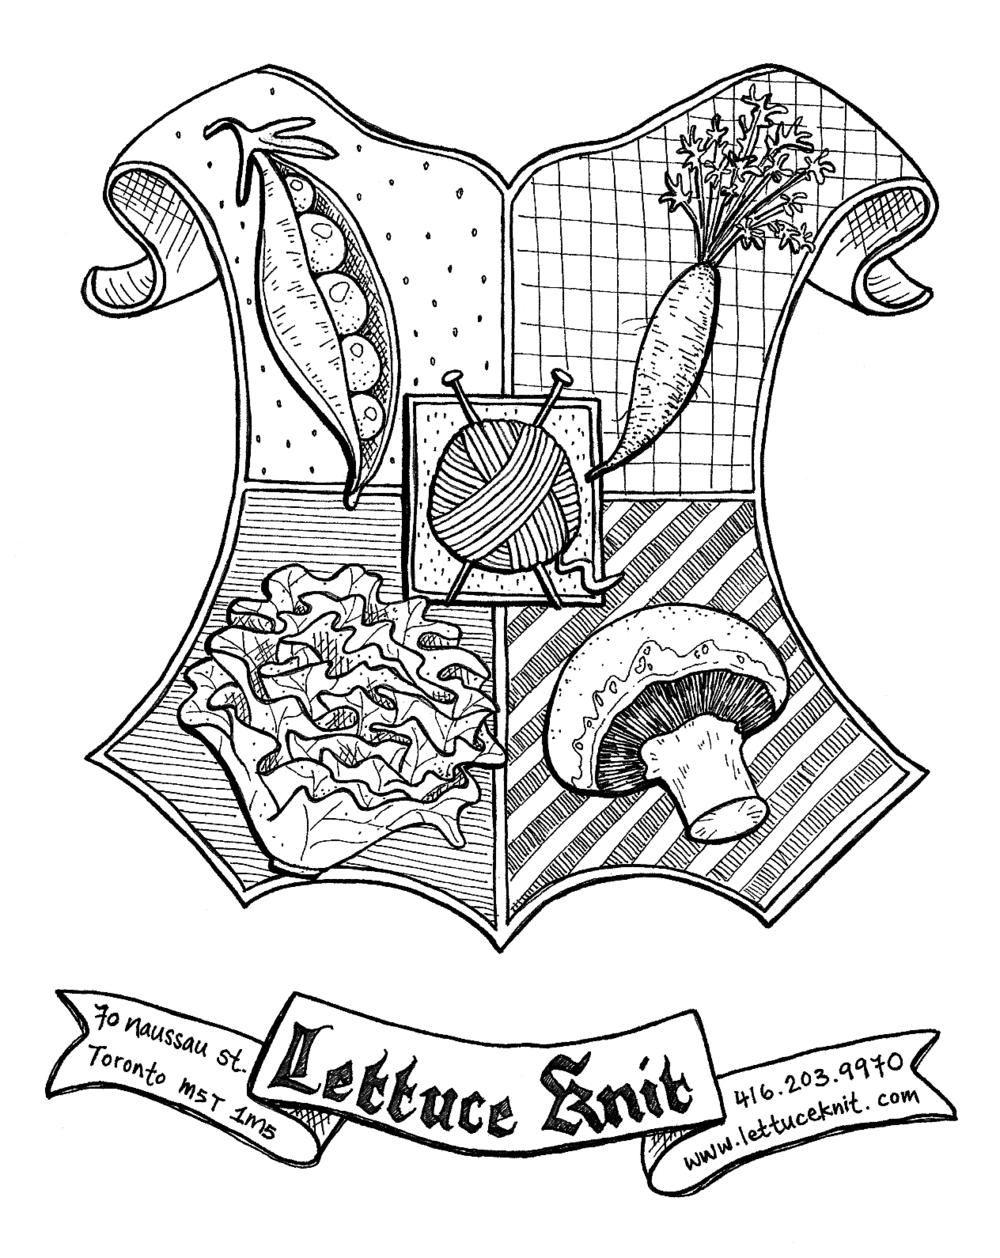 lettuceknit_full.jpg